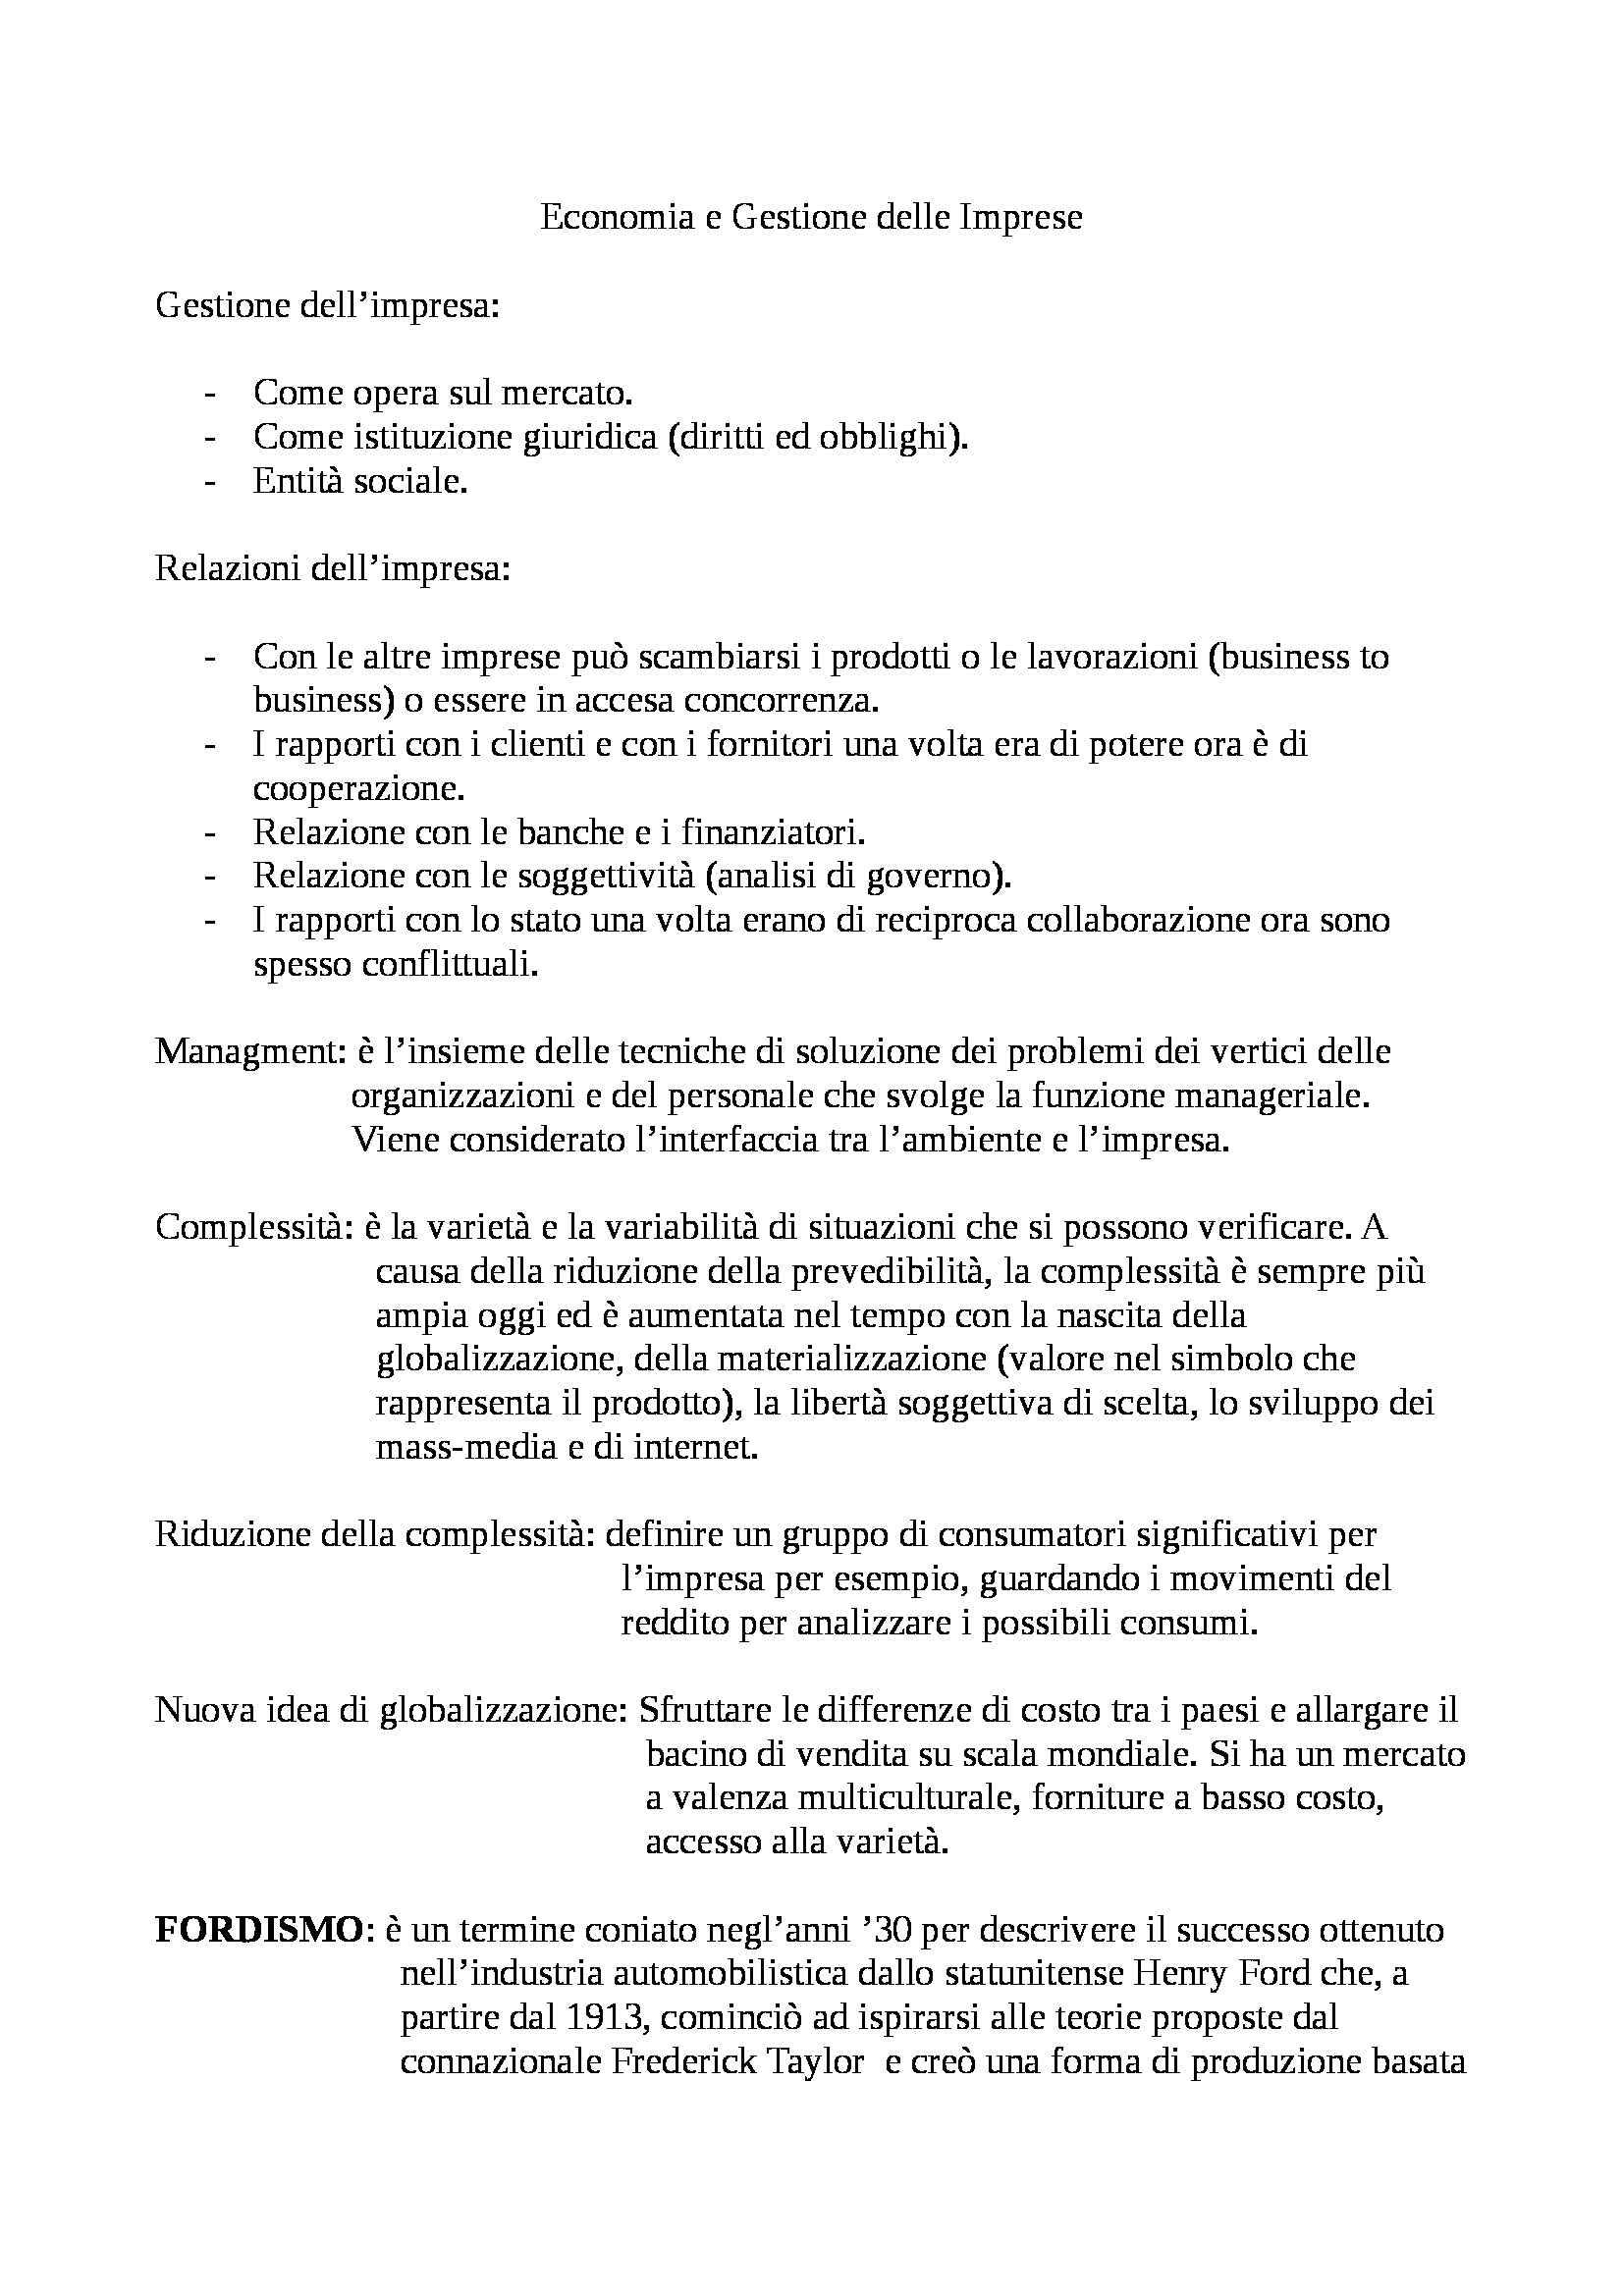 Economia e gestione delle imprese - Appunti